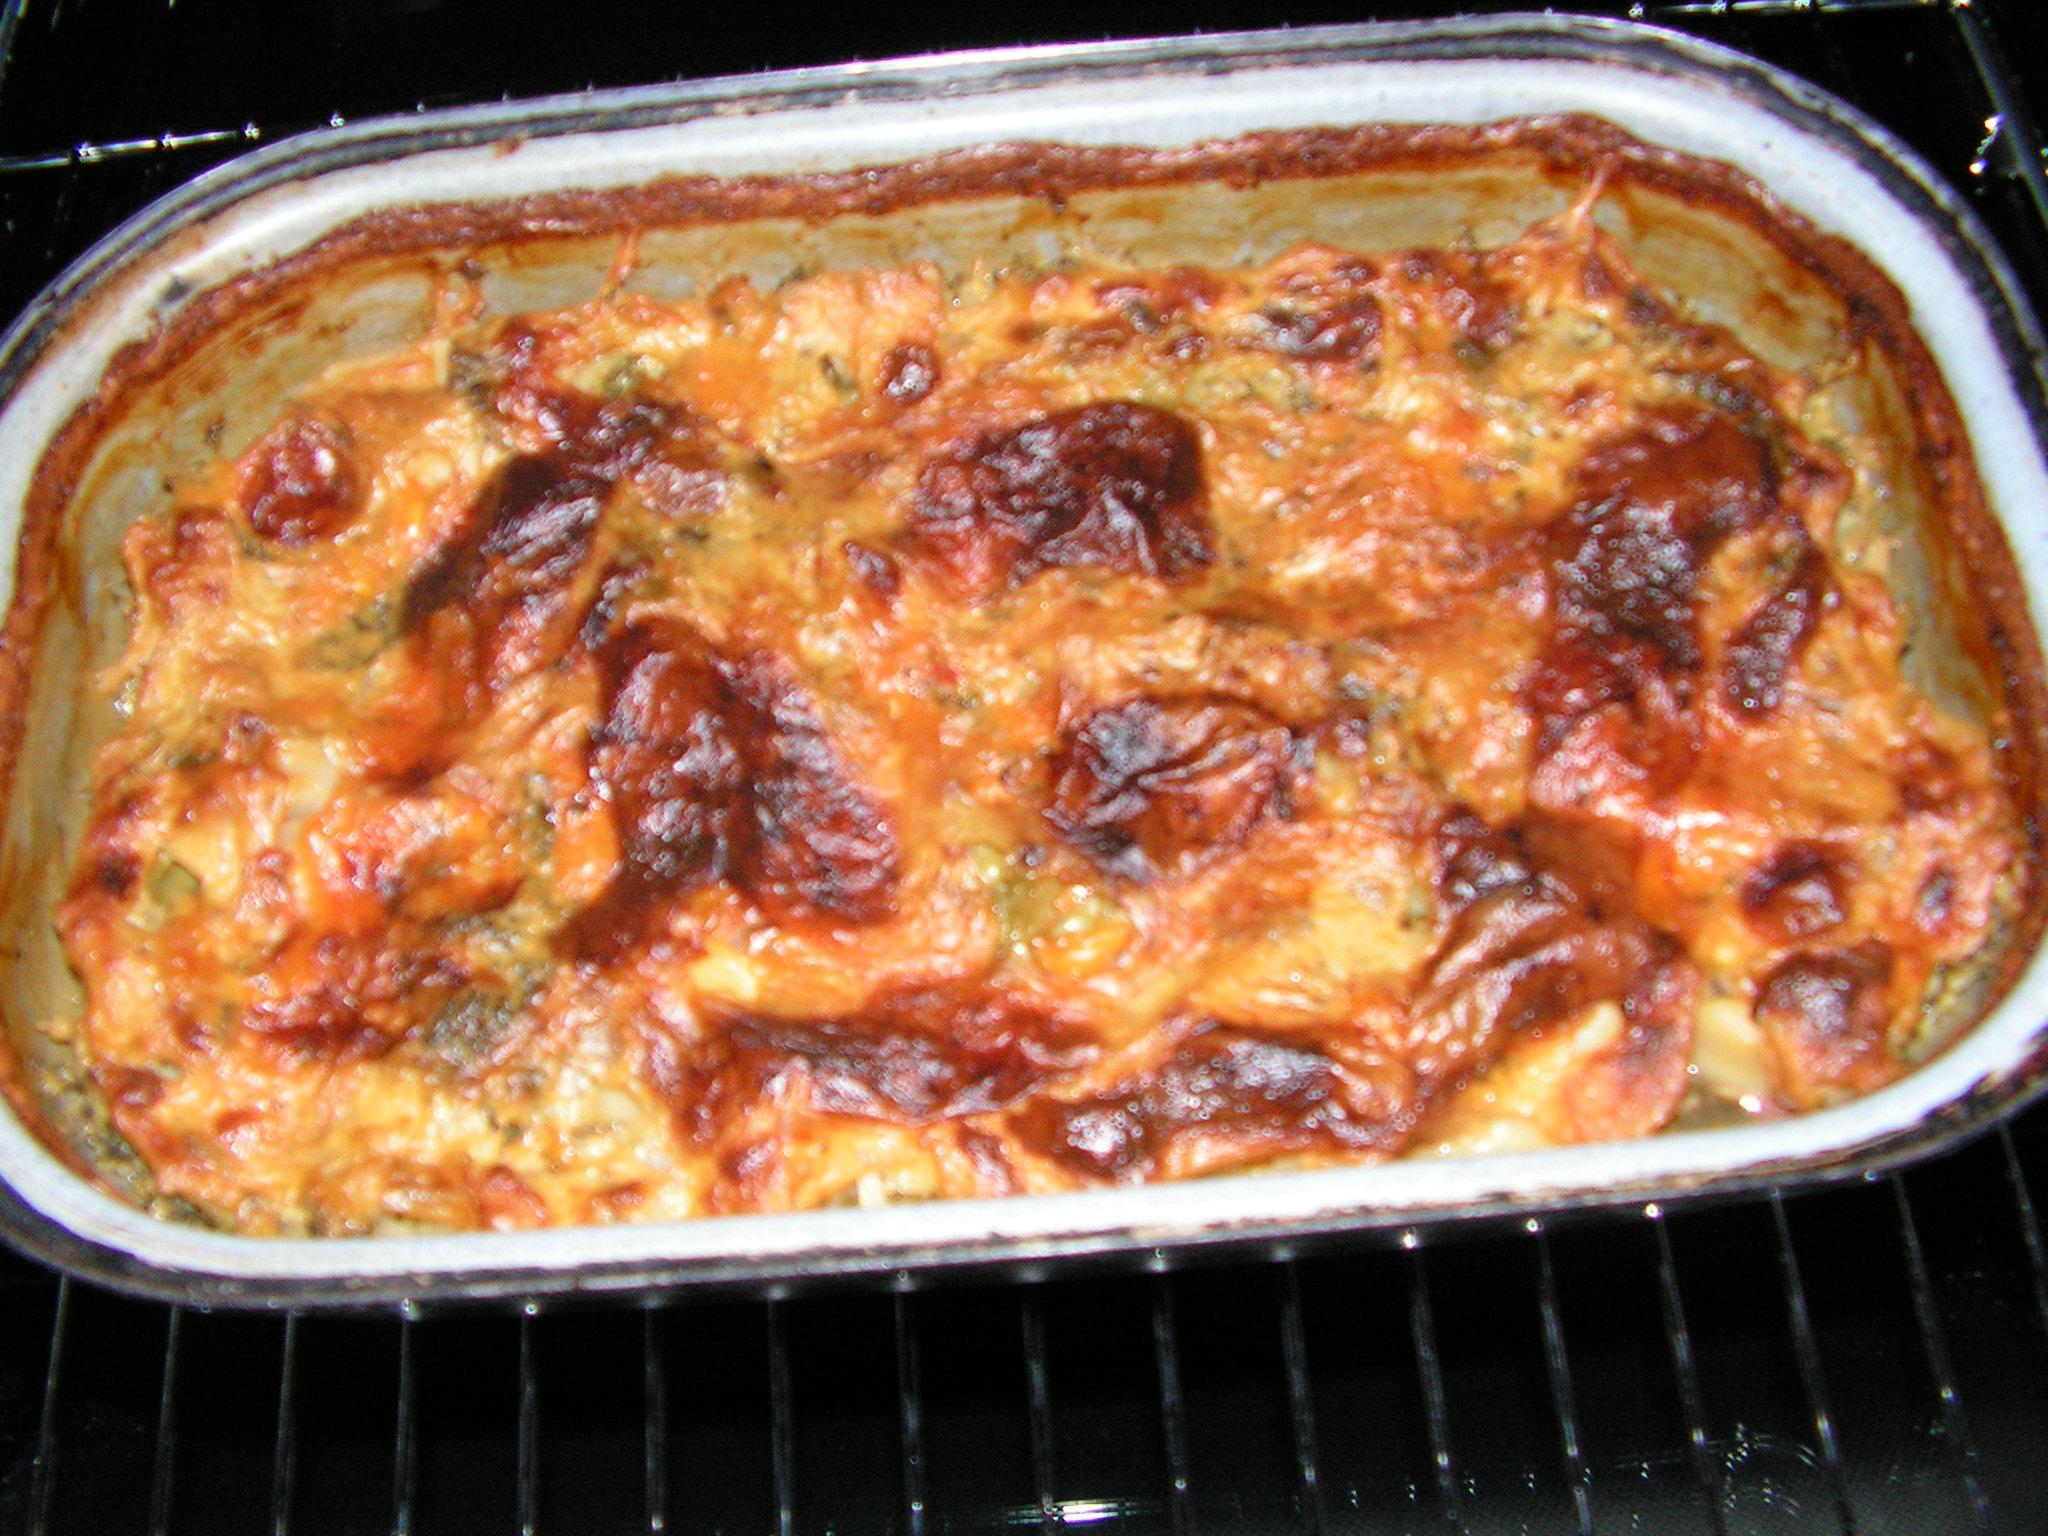 Recept Brokolice s brambory - Zapečená brokolice s brambory.